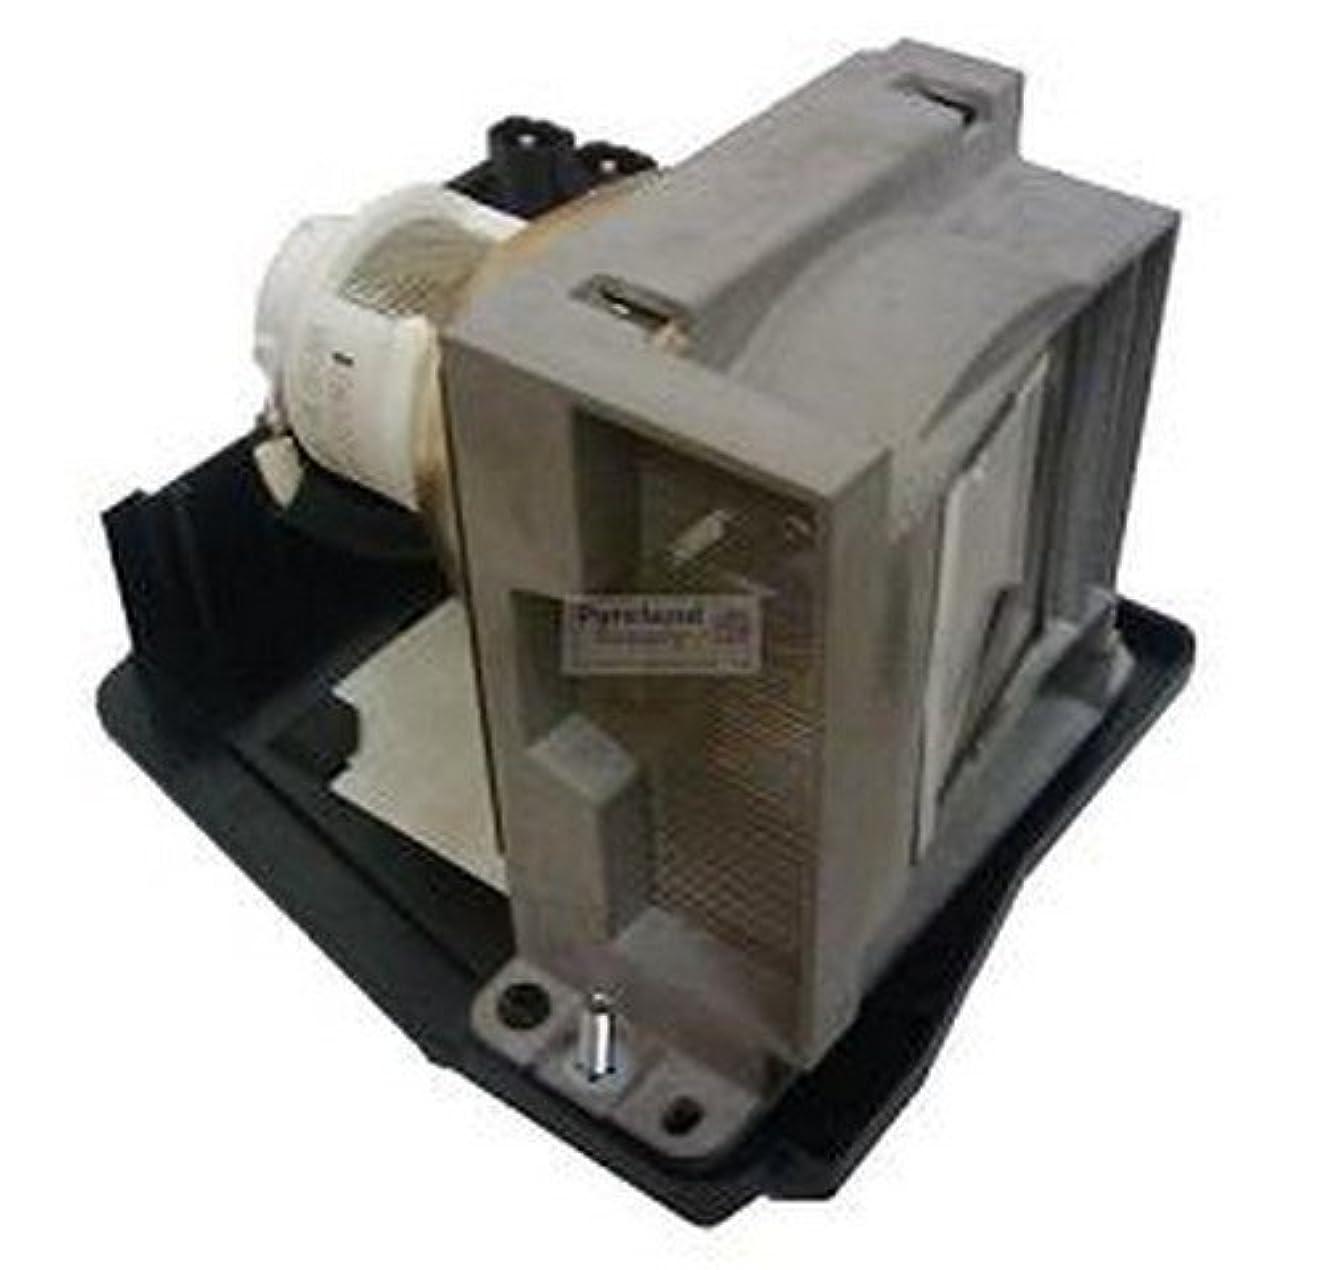 番目クラシカル悪因子Mitsubishi VLT-XD2000LP LCD Projector Assembly wit [並行輸入品]